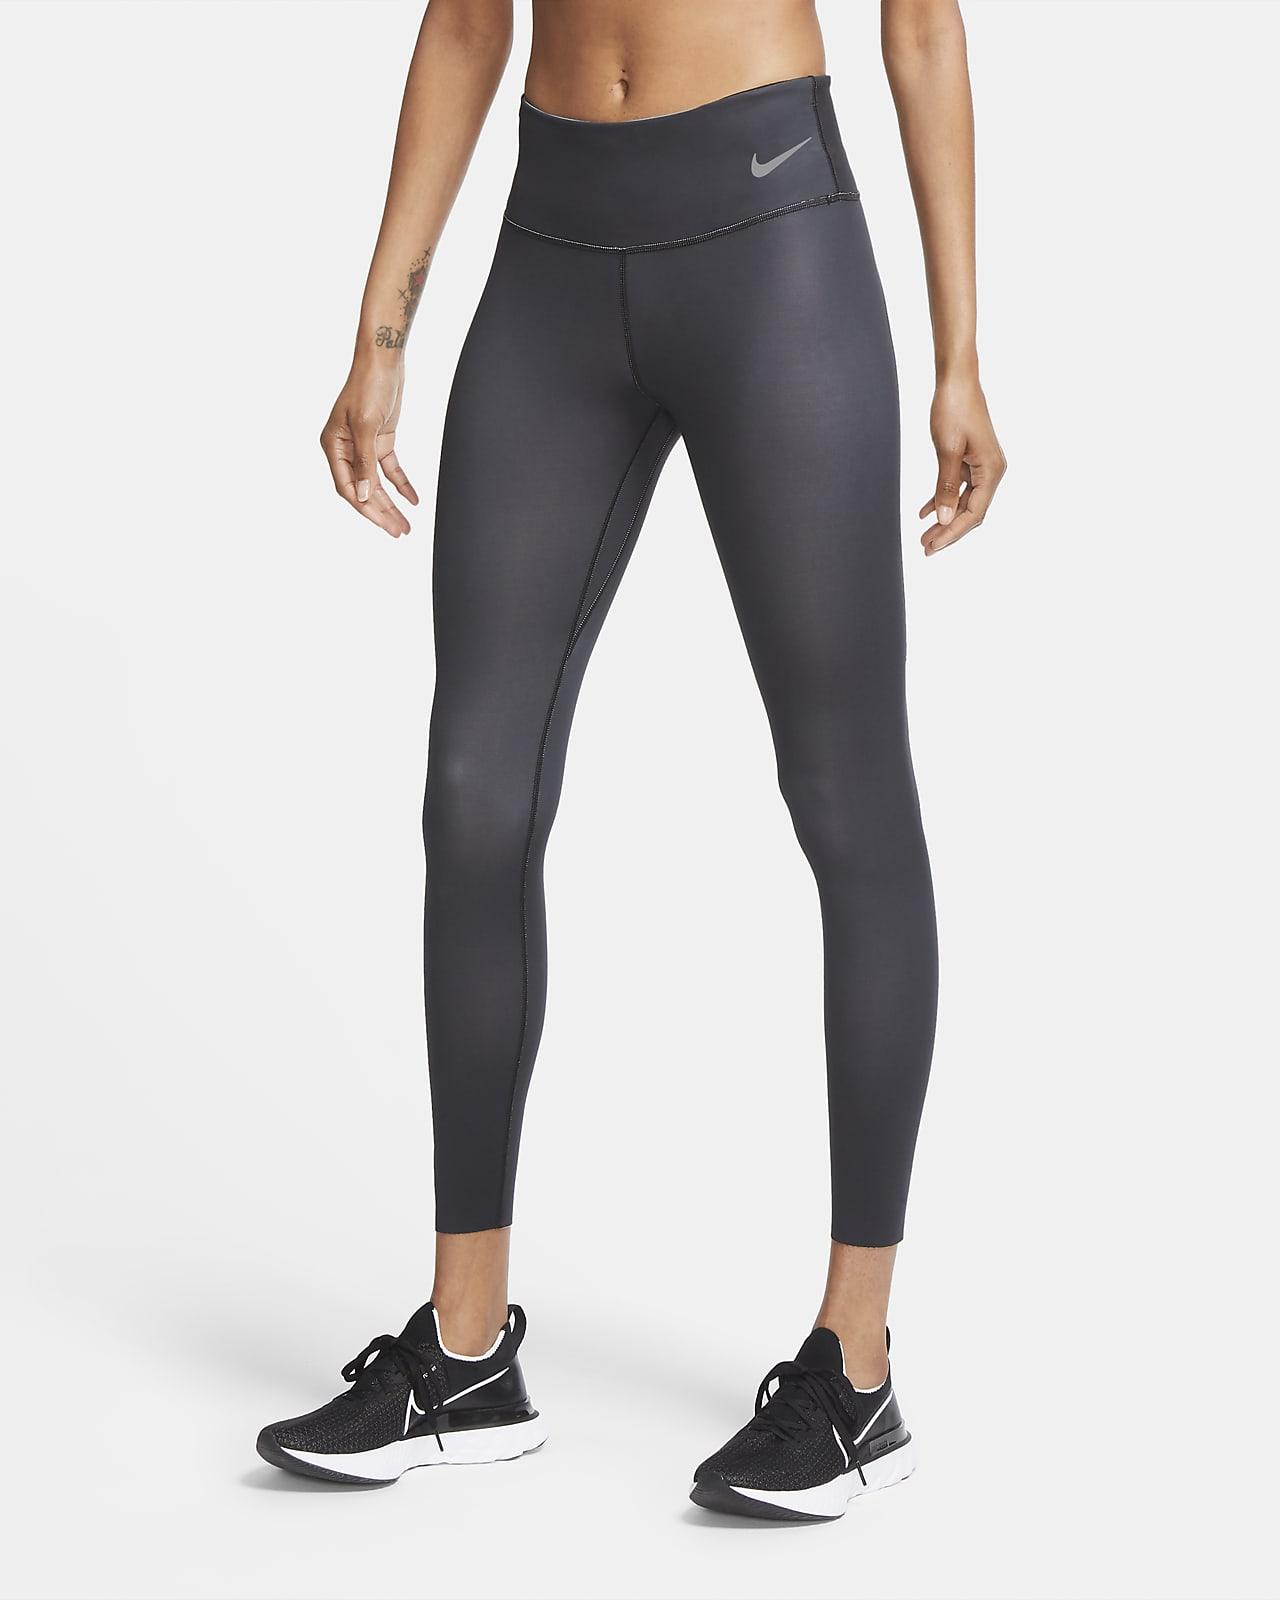 Nike Epic Luxe Women's 7/8 Reversible Running Leggings